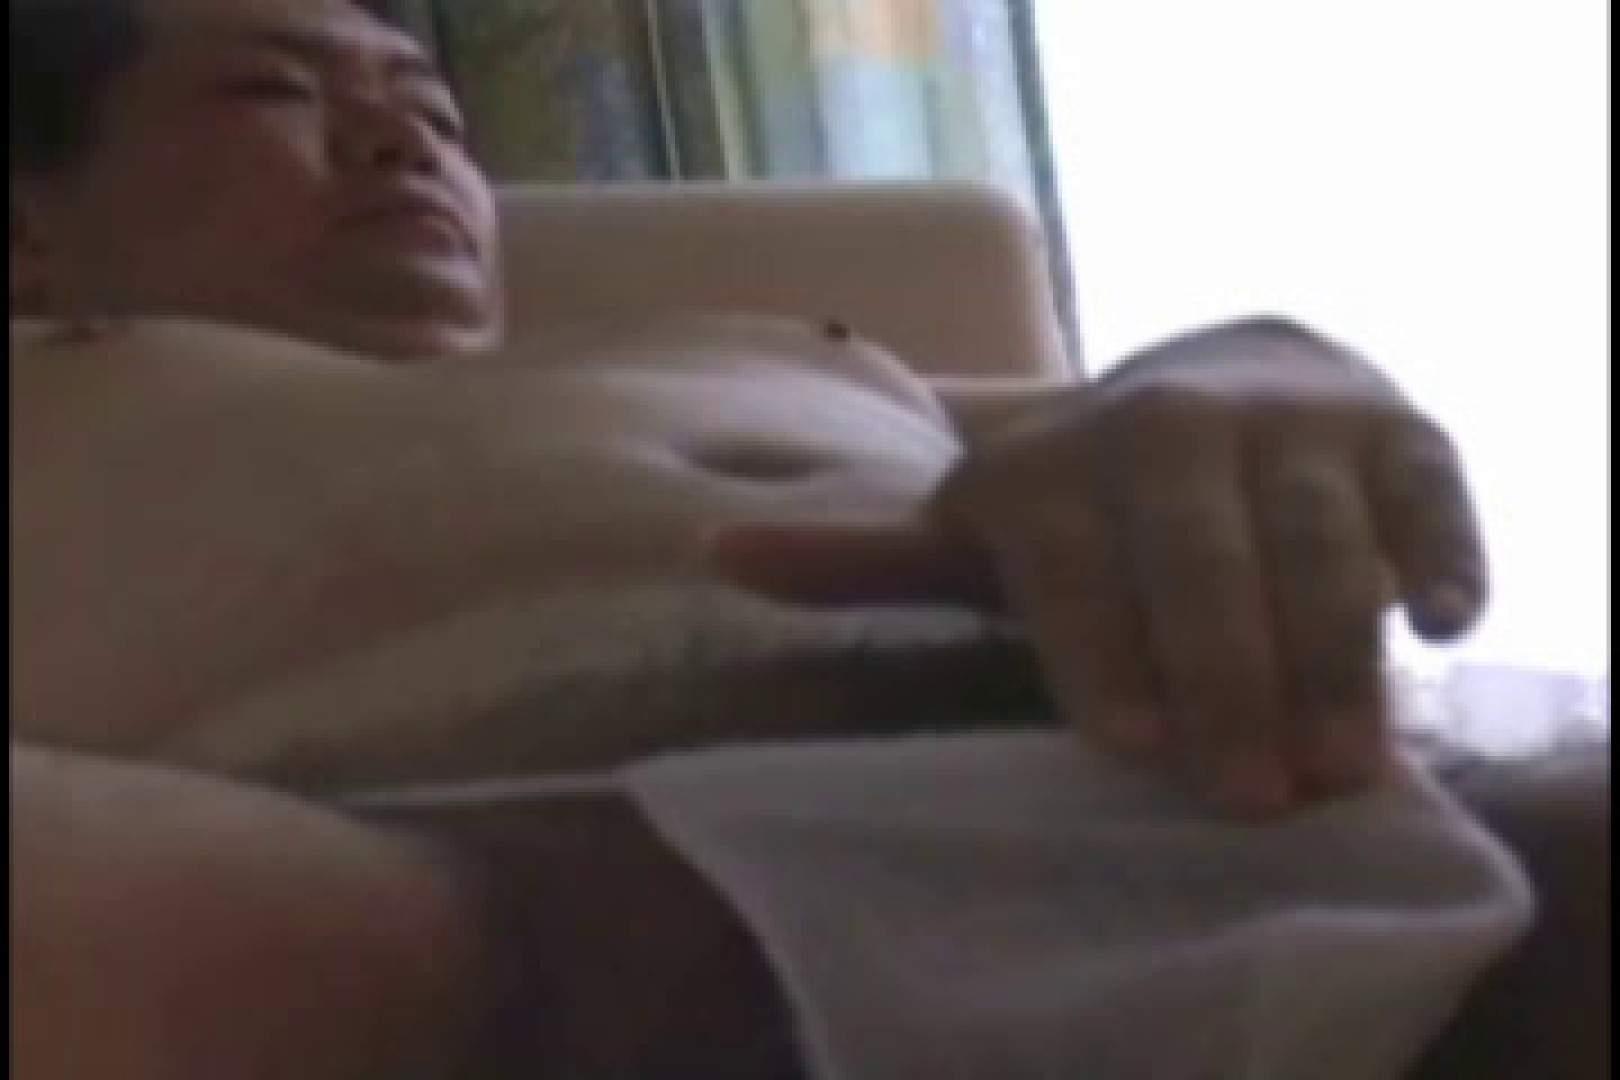 性欲に満ちたデカてぃむぽのホモ旦那 アナル舐め   フェラ最高 ゲイ肛門画像 13連発 9